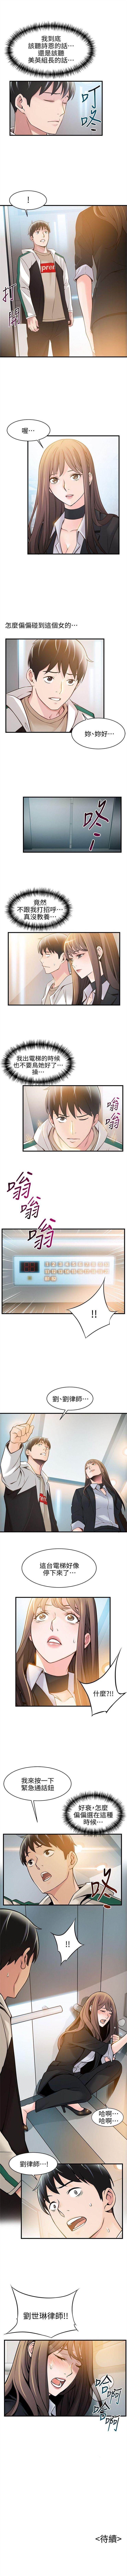 (周7)弱点 1-66 中文翻译(更新中) 65